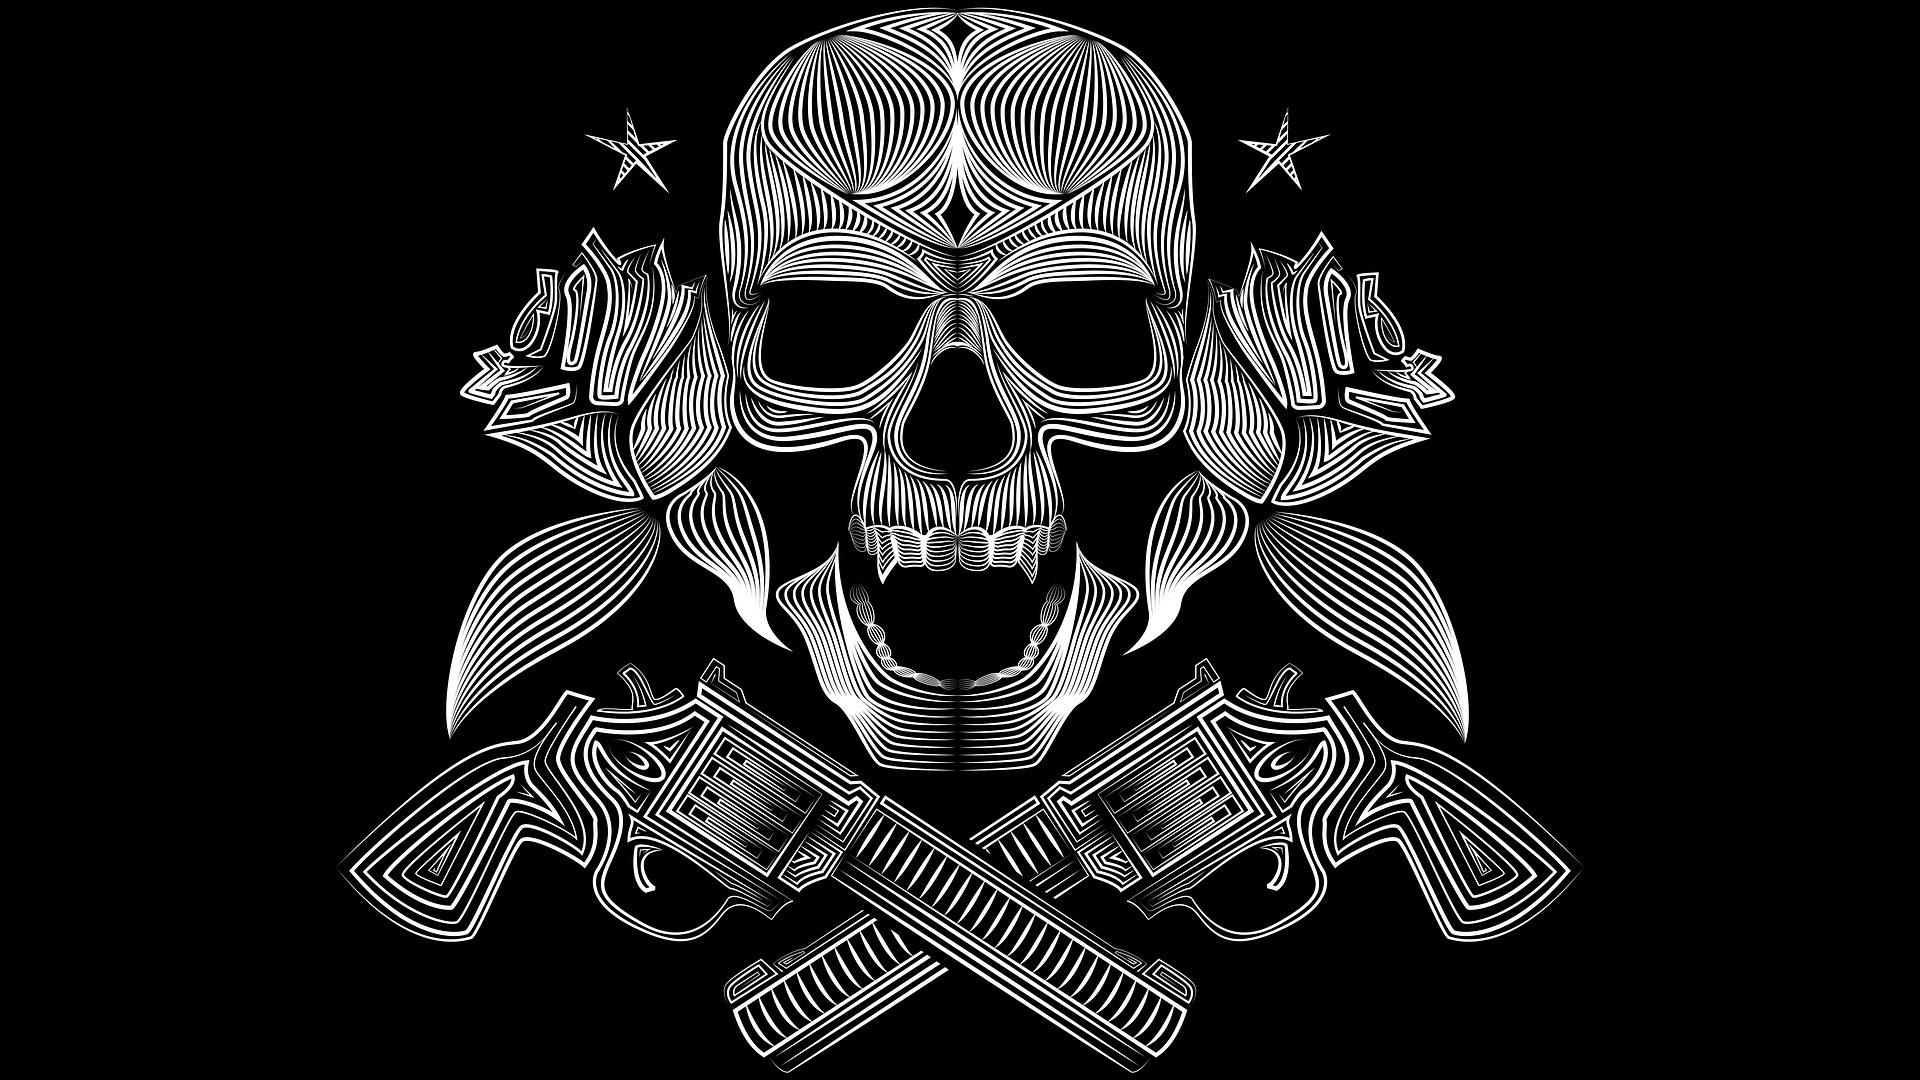 skull-2874993_1920